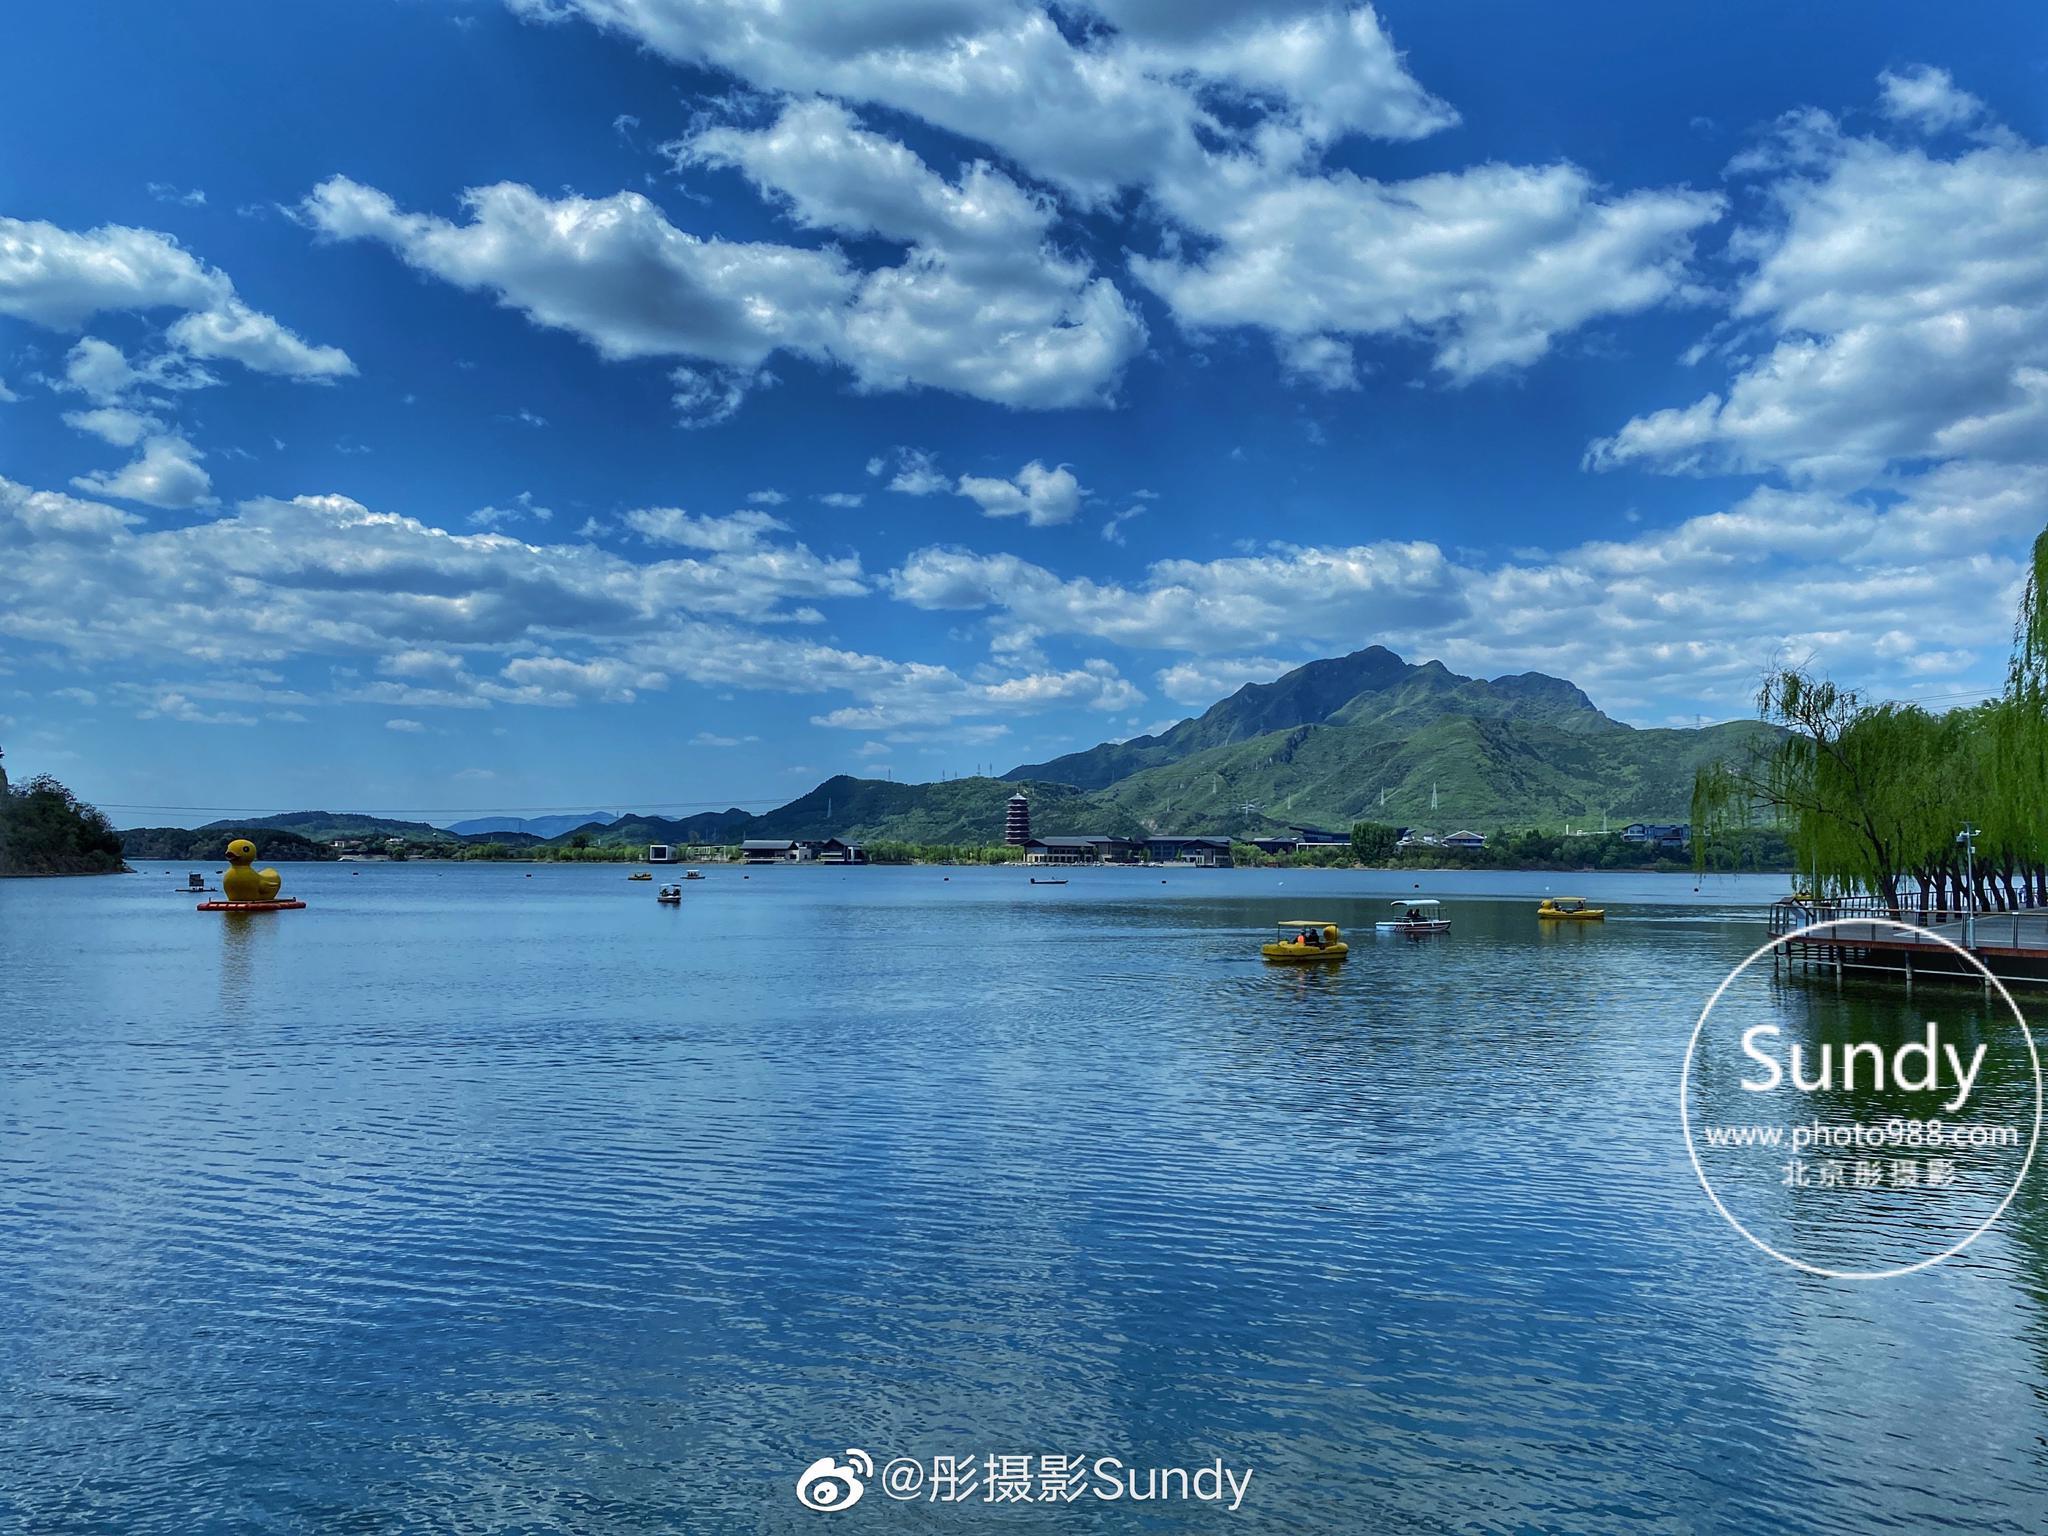 美丽的雁栖湖。